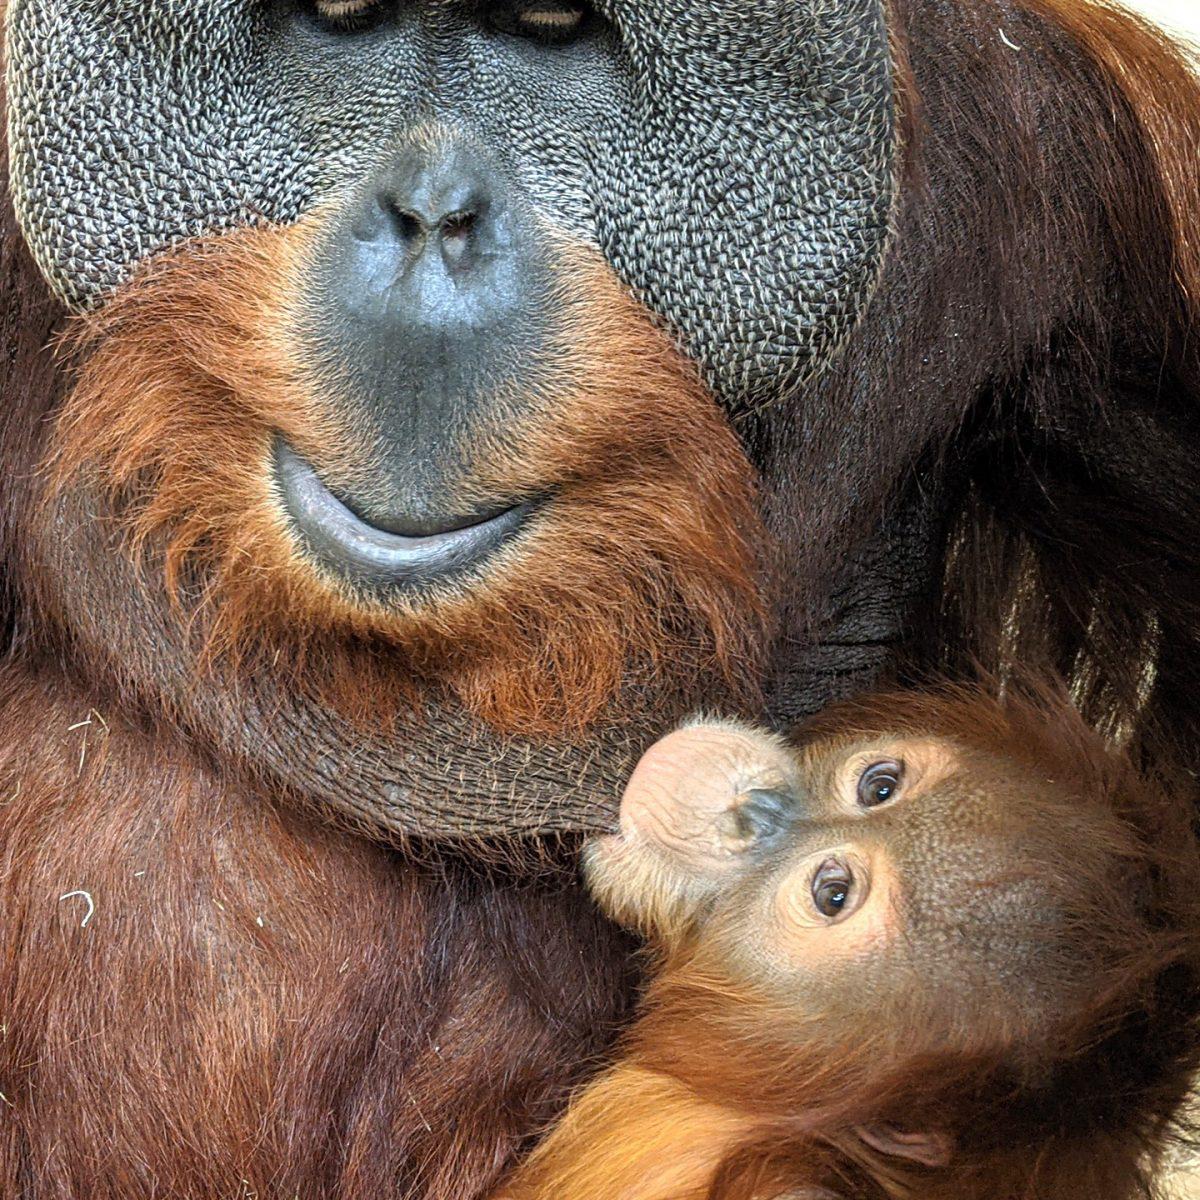 orangotango macho cuida da filha depois da morte da mae e comove zoologico scaled - Orangotango macho cuida da filha depois da morte da mãe e comove zoológico